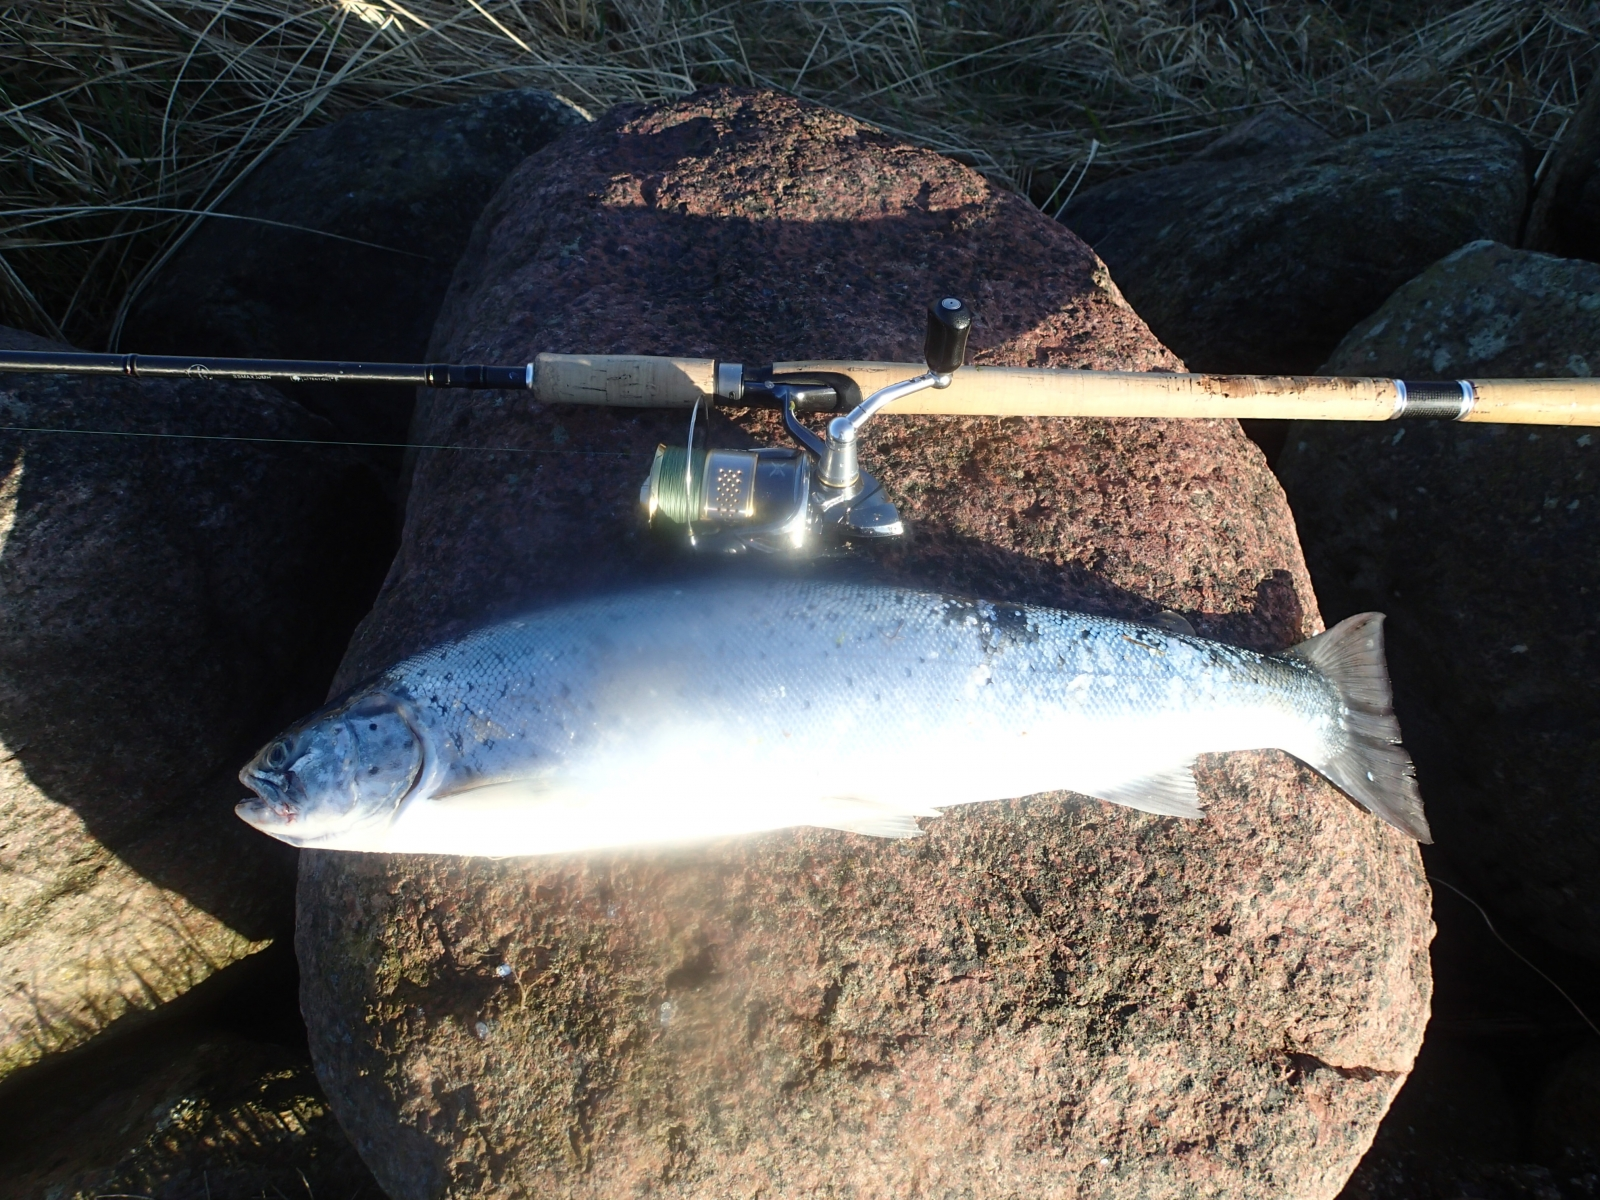 Havørred på 59 cm og 2.40 kg fra Djurslandskysten, Østjylland -  fanget på Snurrebassen # 5583